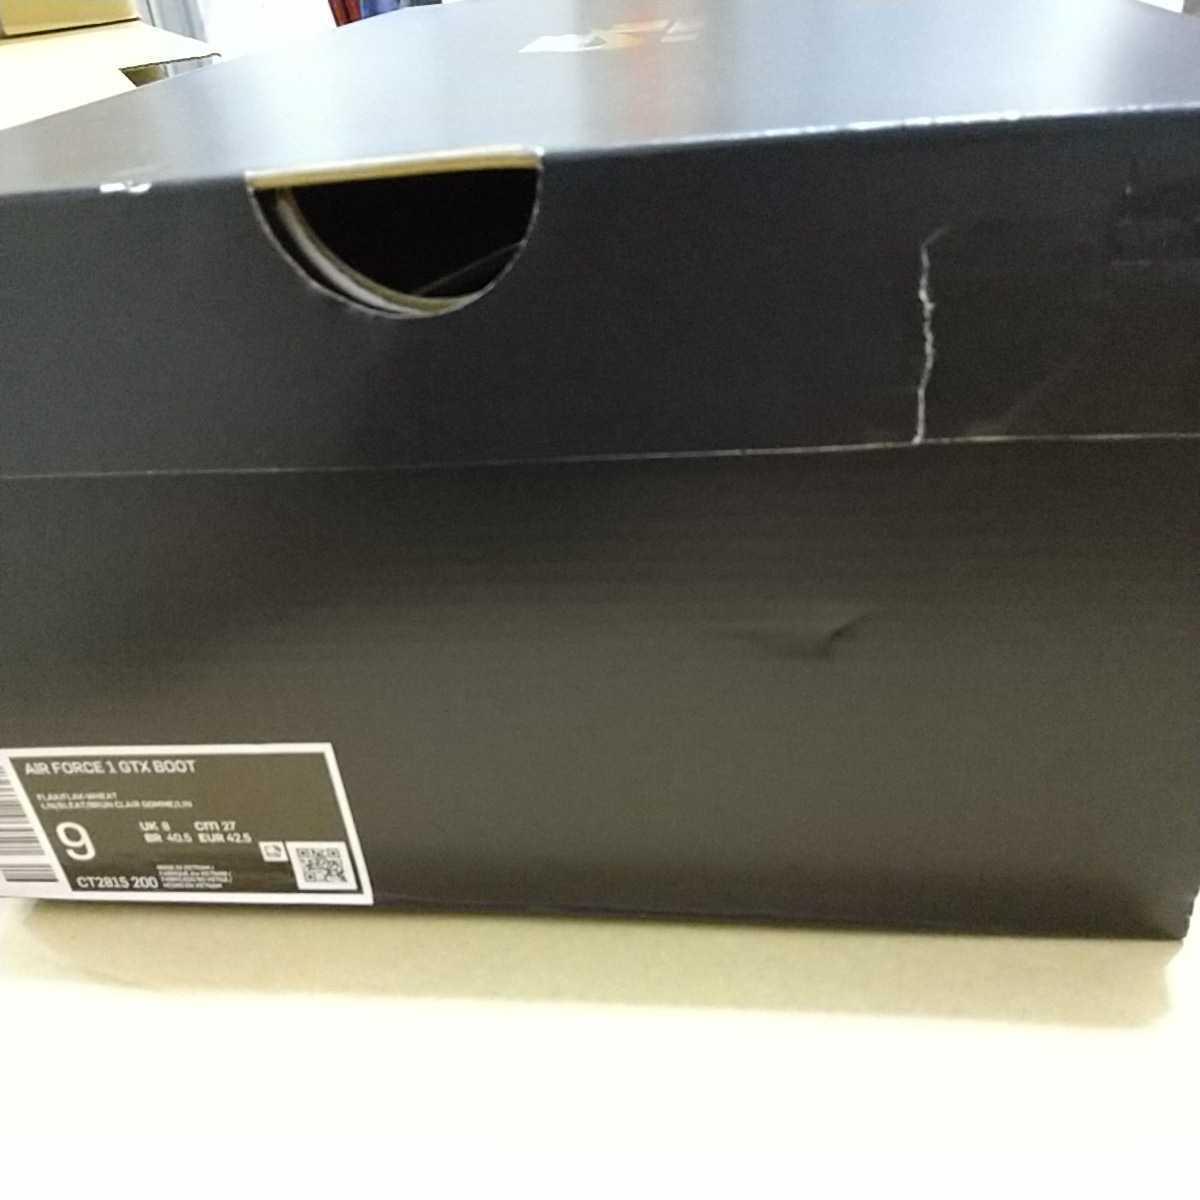 ナイキ ゴアテックス エアフォース1 ハイ ブーツ 27cm US9 GORE-TEX AIR FORCE 1 High GTX BOOT 室内試着品_箱のこの部分に破れがあります。